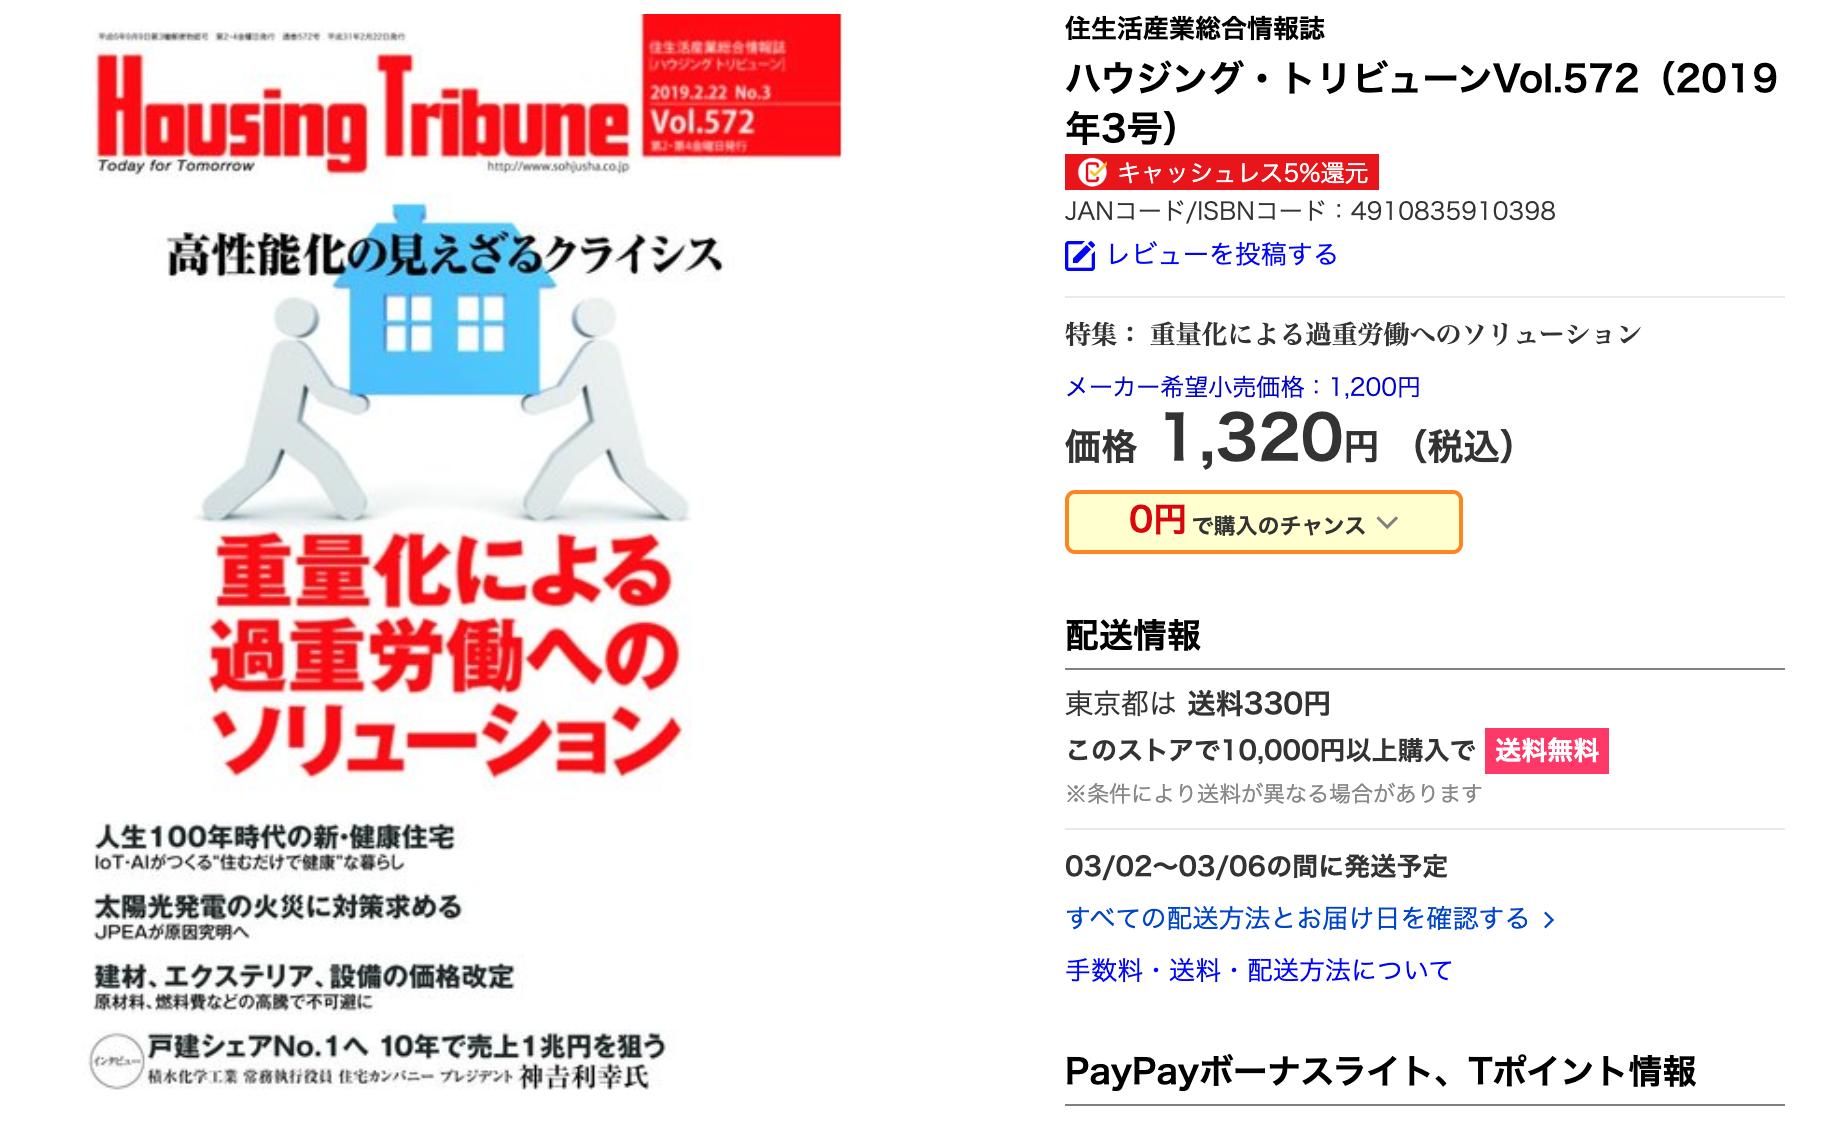 『ハウジング・トリビューン』に代表久保田のインタビューが掲載されました